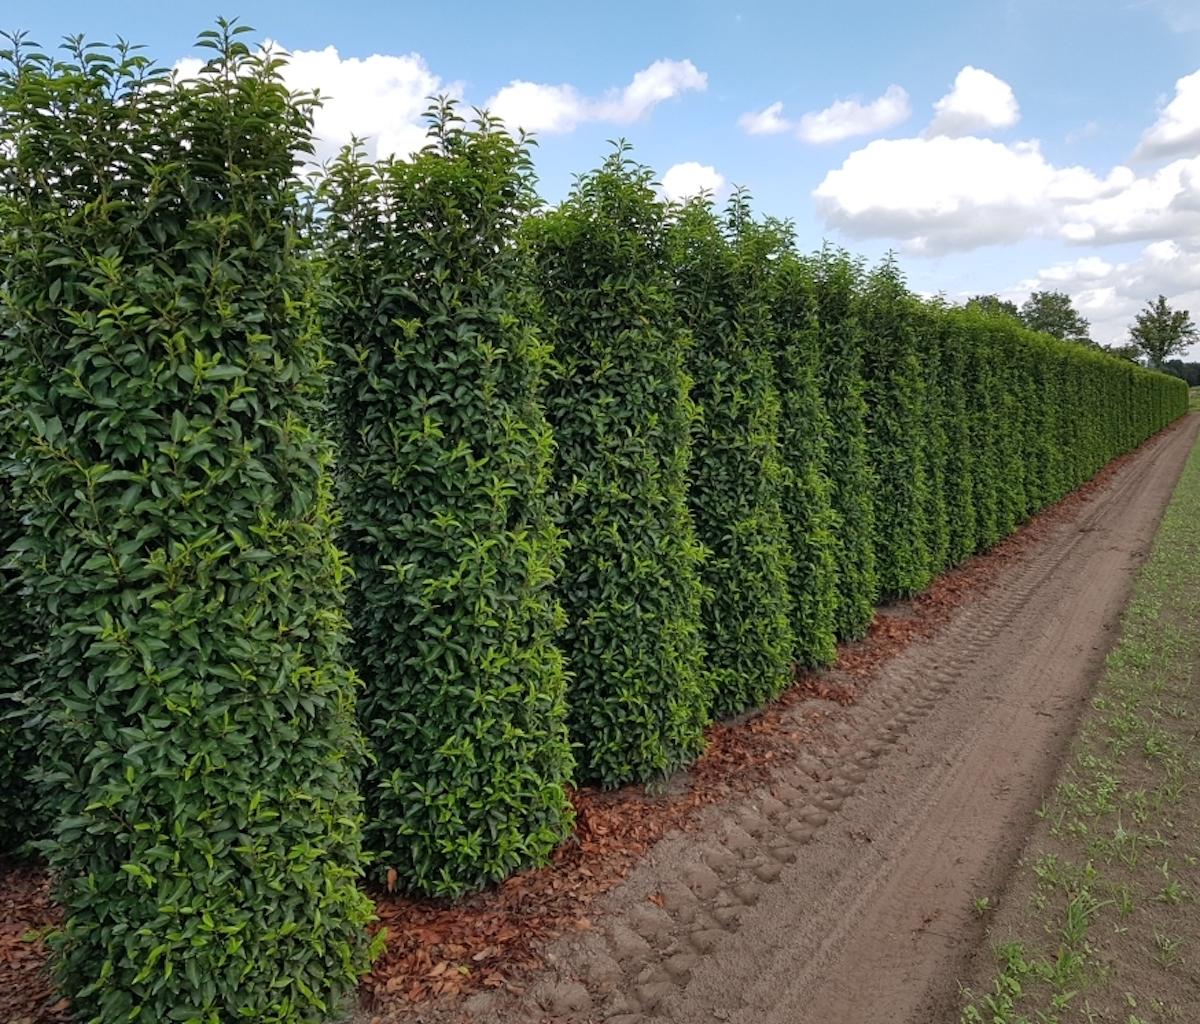 Prunus lusitanica 'Angustifolia' 225-250cm hedge plants (Portuguese Laurel)